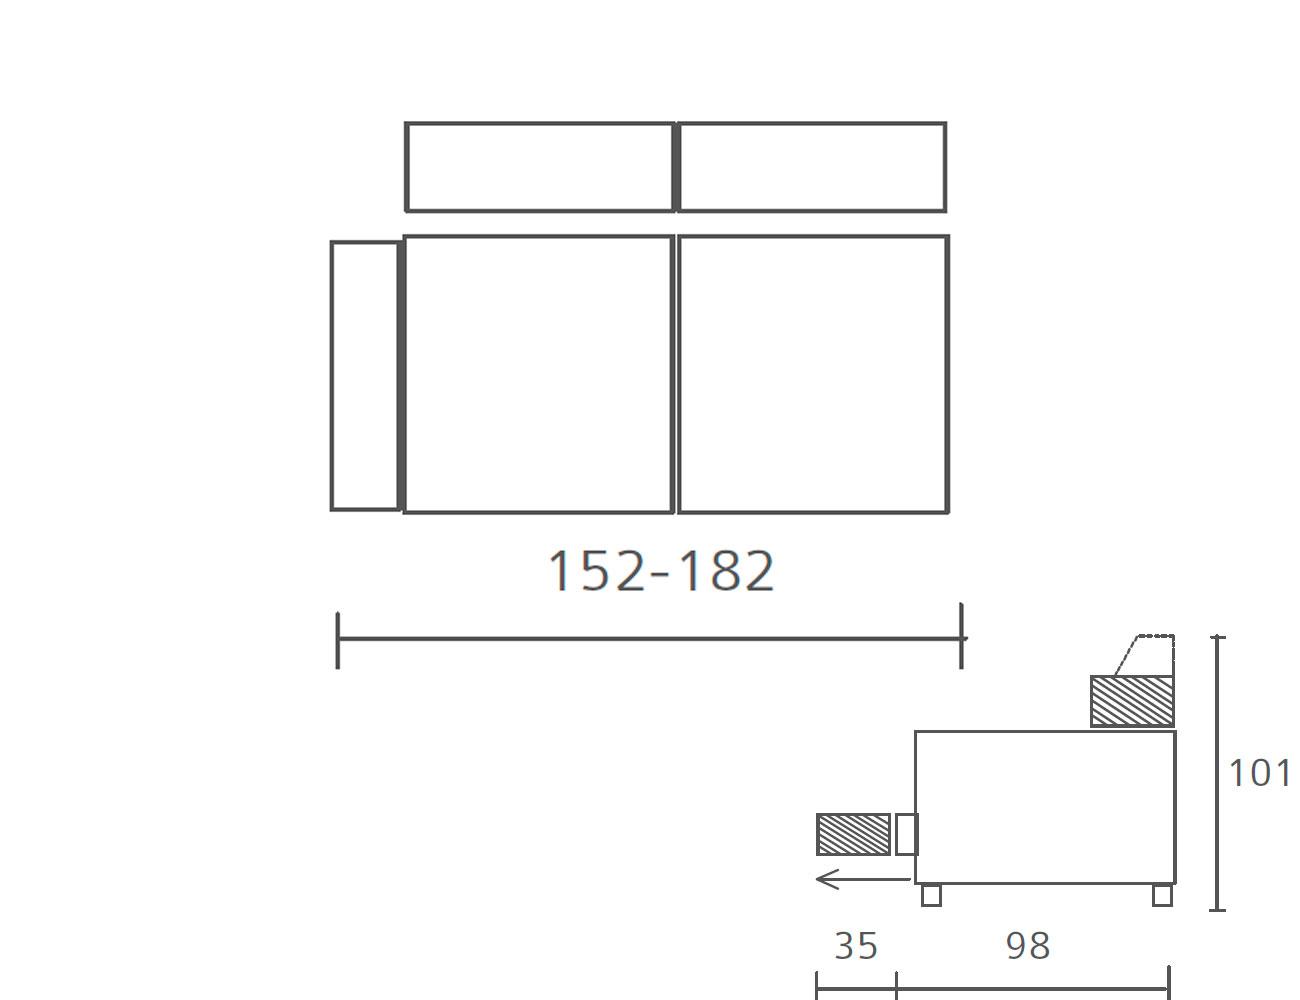 Modulo con 1 brazo 152 1821